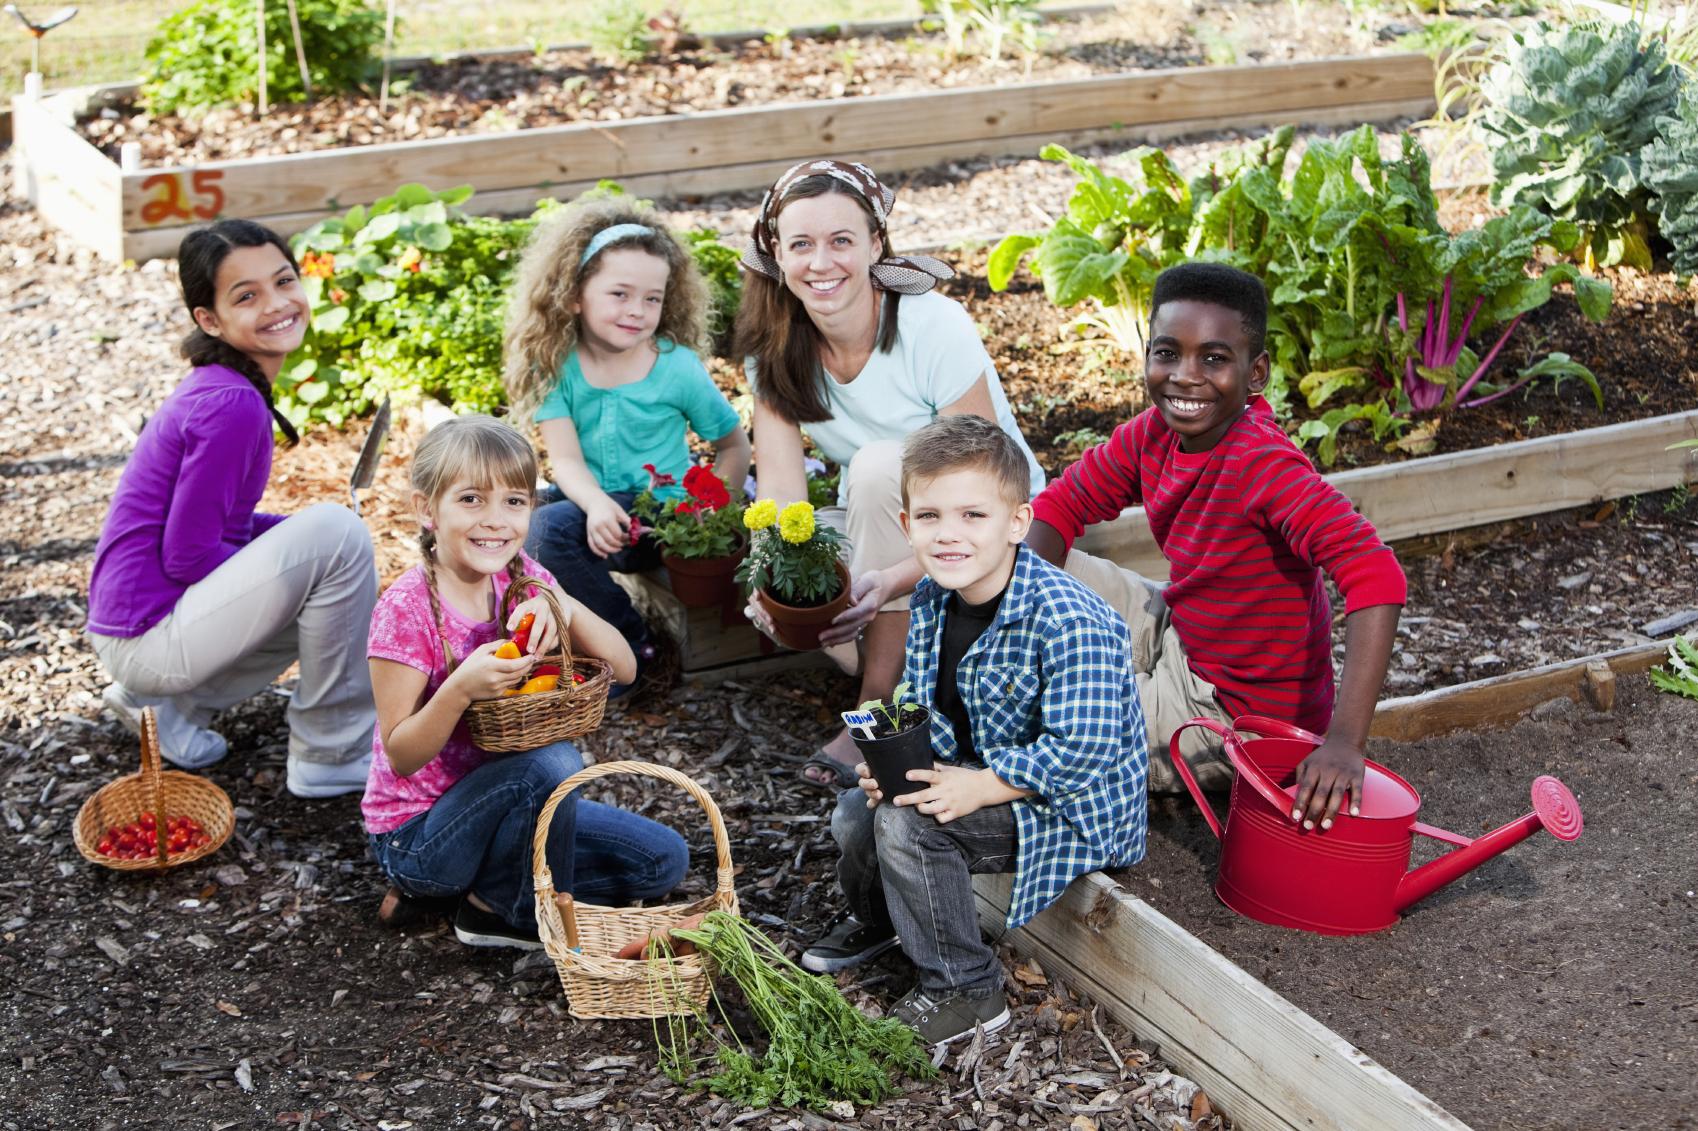 L'orto va bene da 0 a 101 anni ed è democratico perché va bene per tutti: poveri, ricchi, bianchi, neri, gialli.